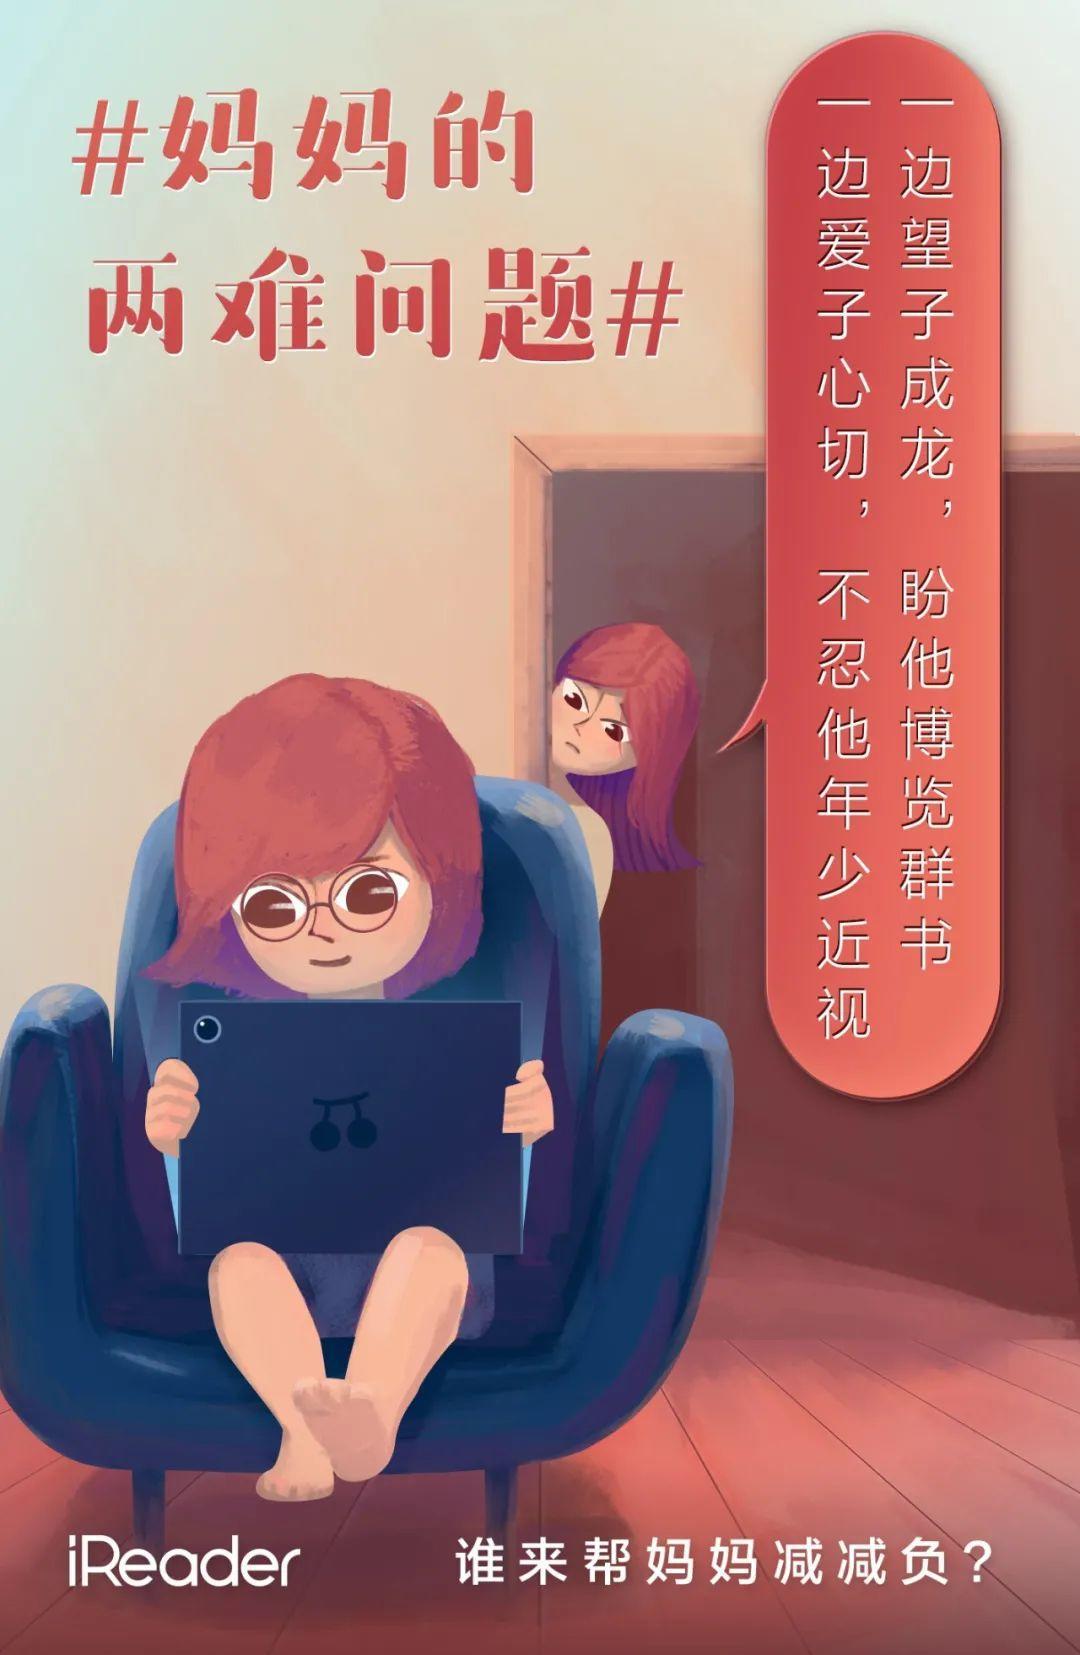 上新丨给孩子的成长好礼,掌阅iReader儿童阅读器惊喜上市!电子墨水屏,售价999RMB